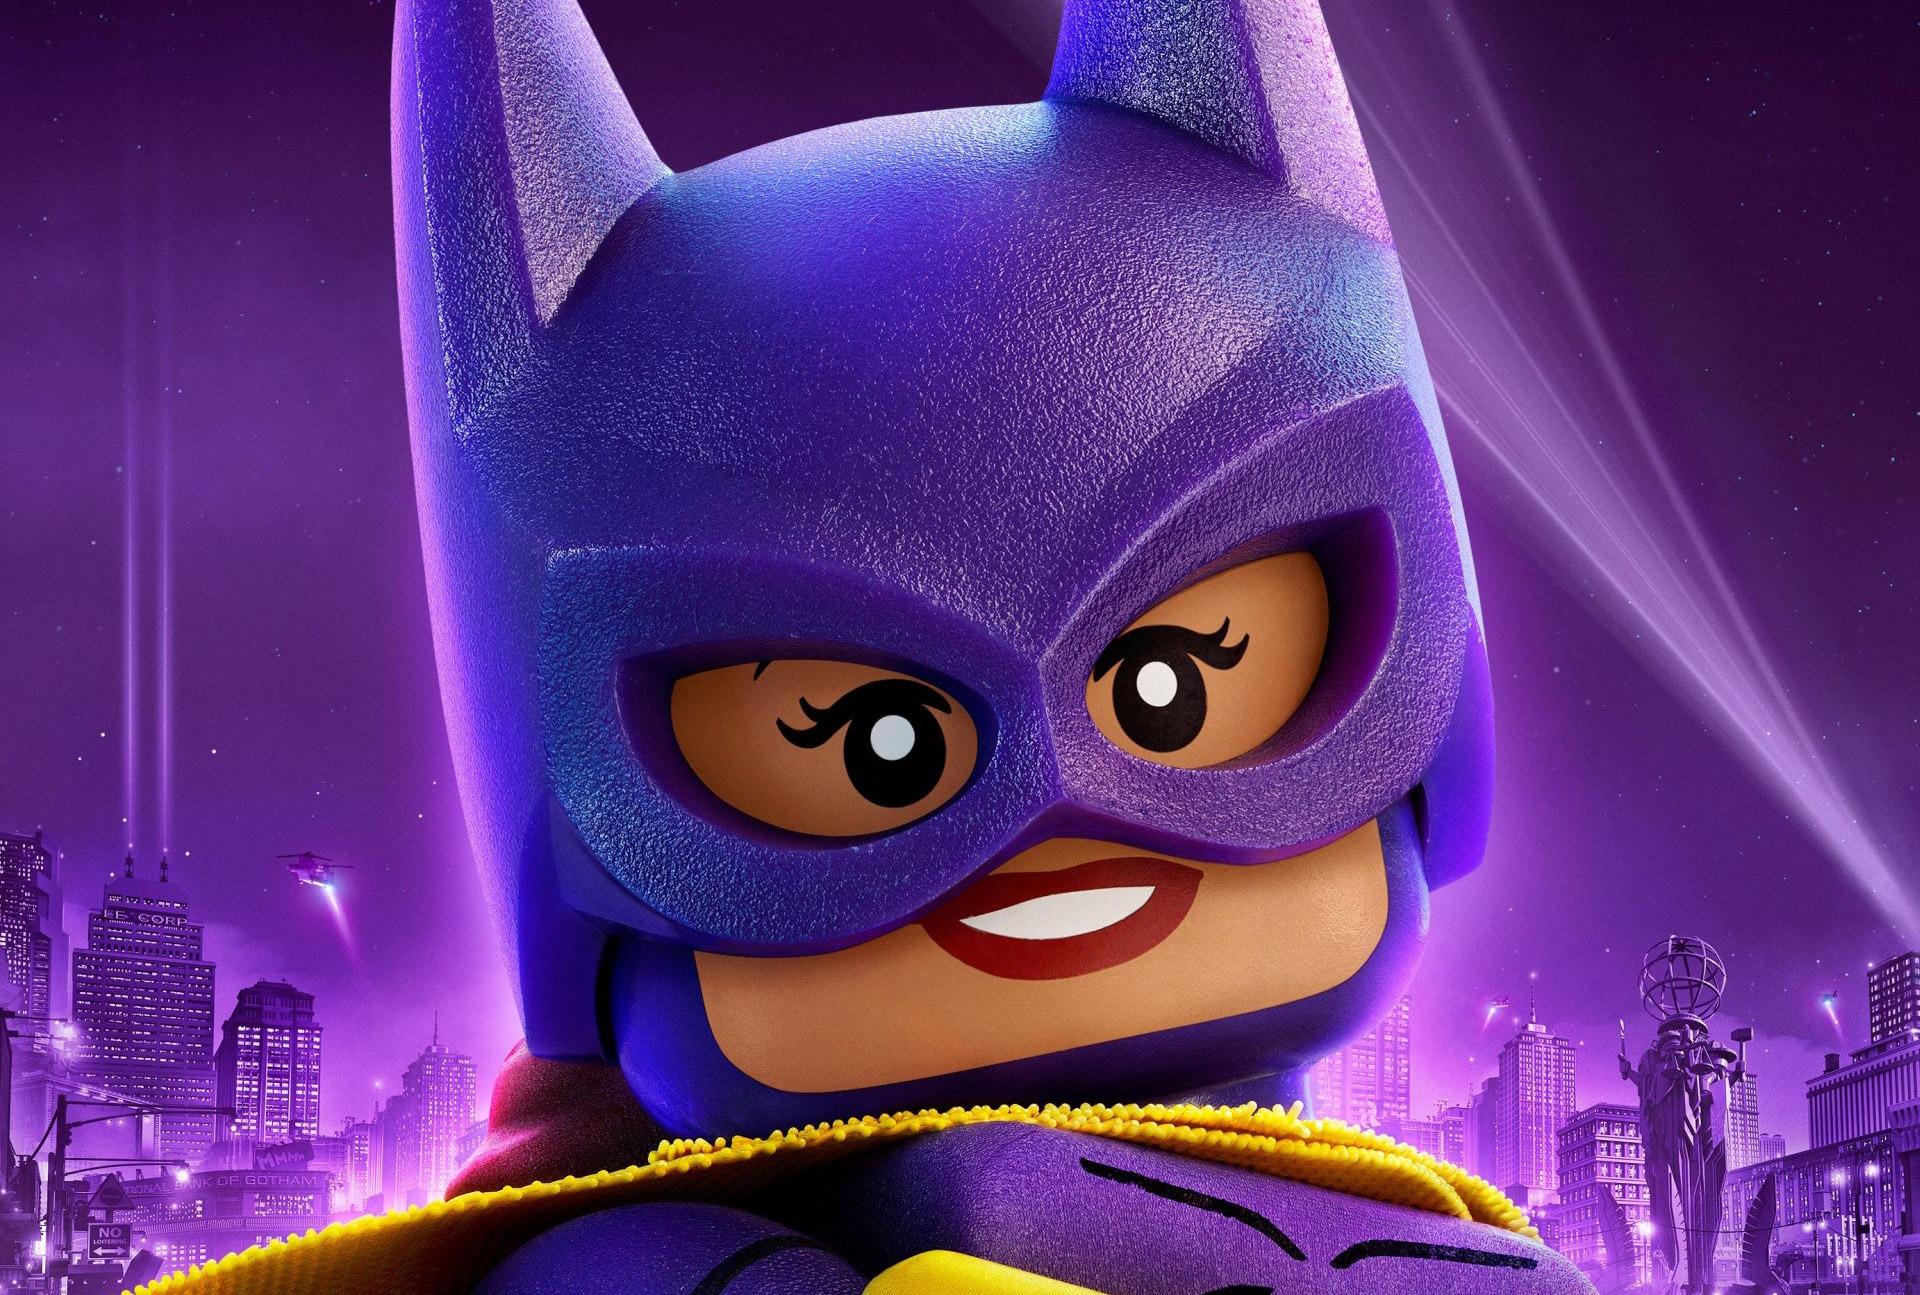 The Lego Batman Movie Wallpaper: Batgirl The Lego Batman, HD Movies, 4k Wallpapers, Images